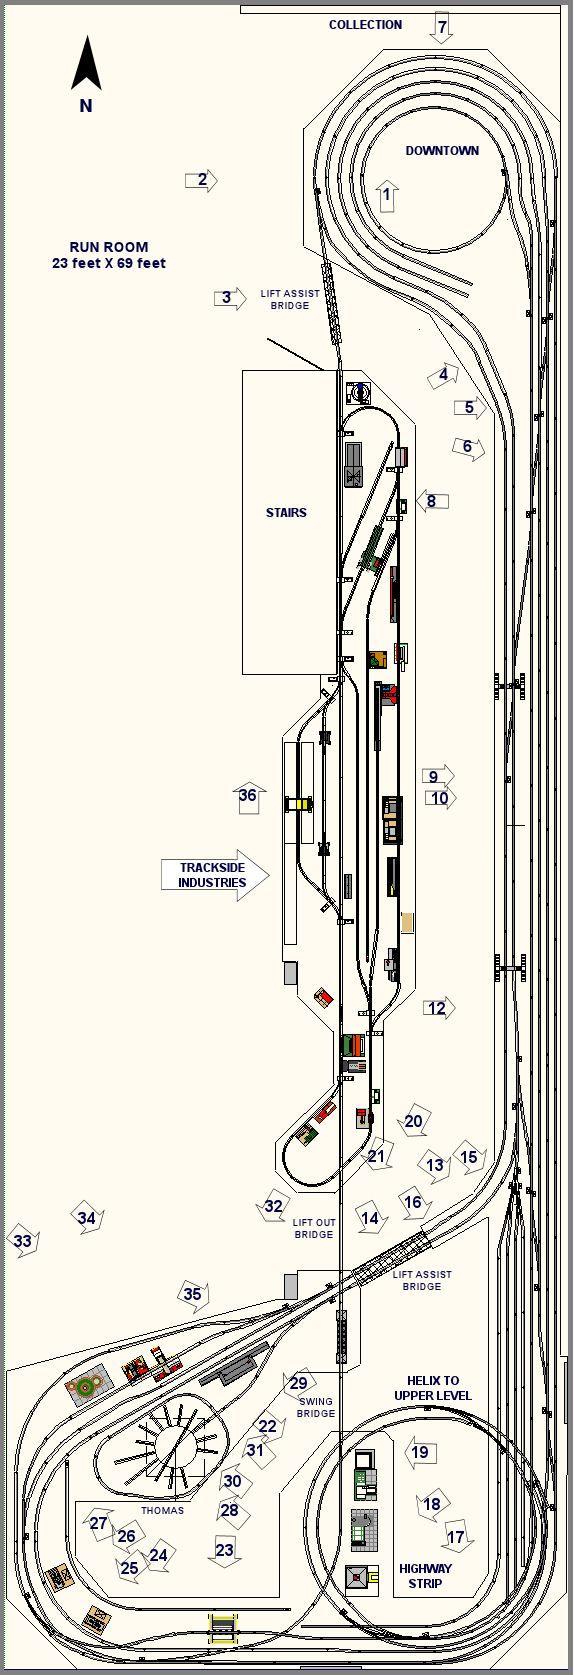 Run Room Main Diagram With Arrows In 2020